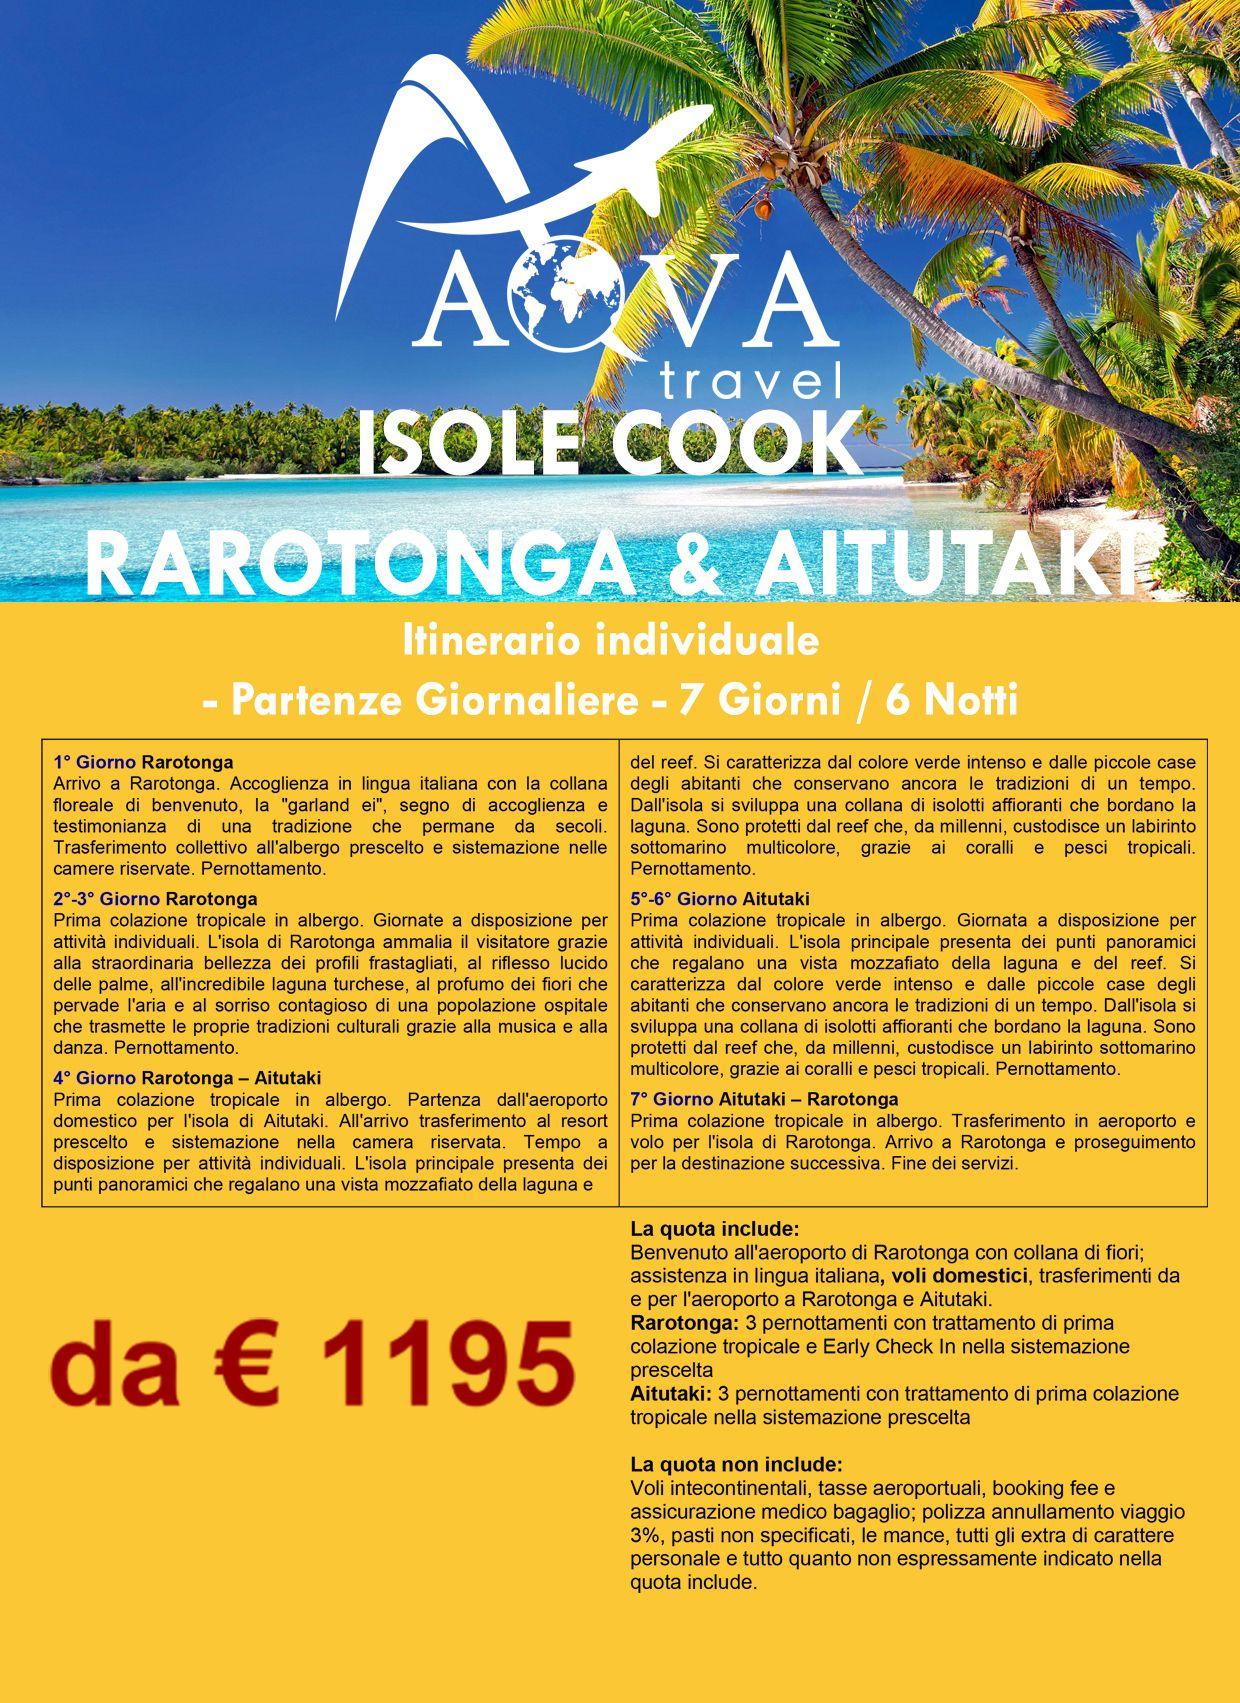 ISOLE COOK RAROTONGA & AITUTAKI Itinerario individuale - Partenze Giornaliere - 7 Giorni / 6 Notti